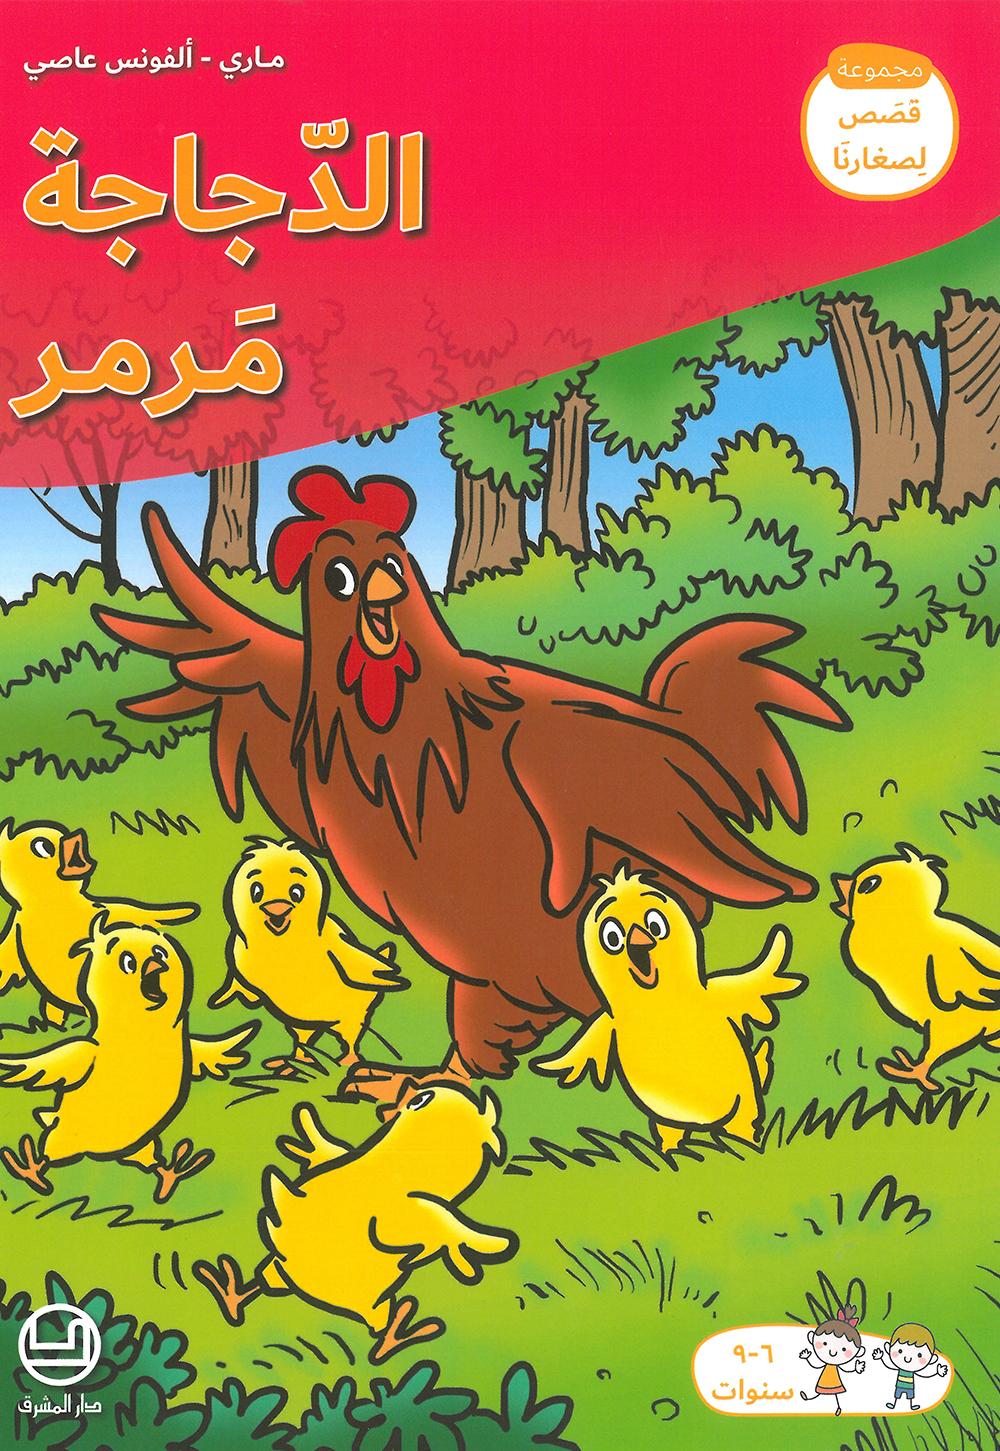 الدجاجة مرمر